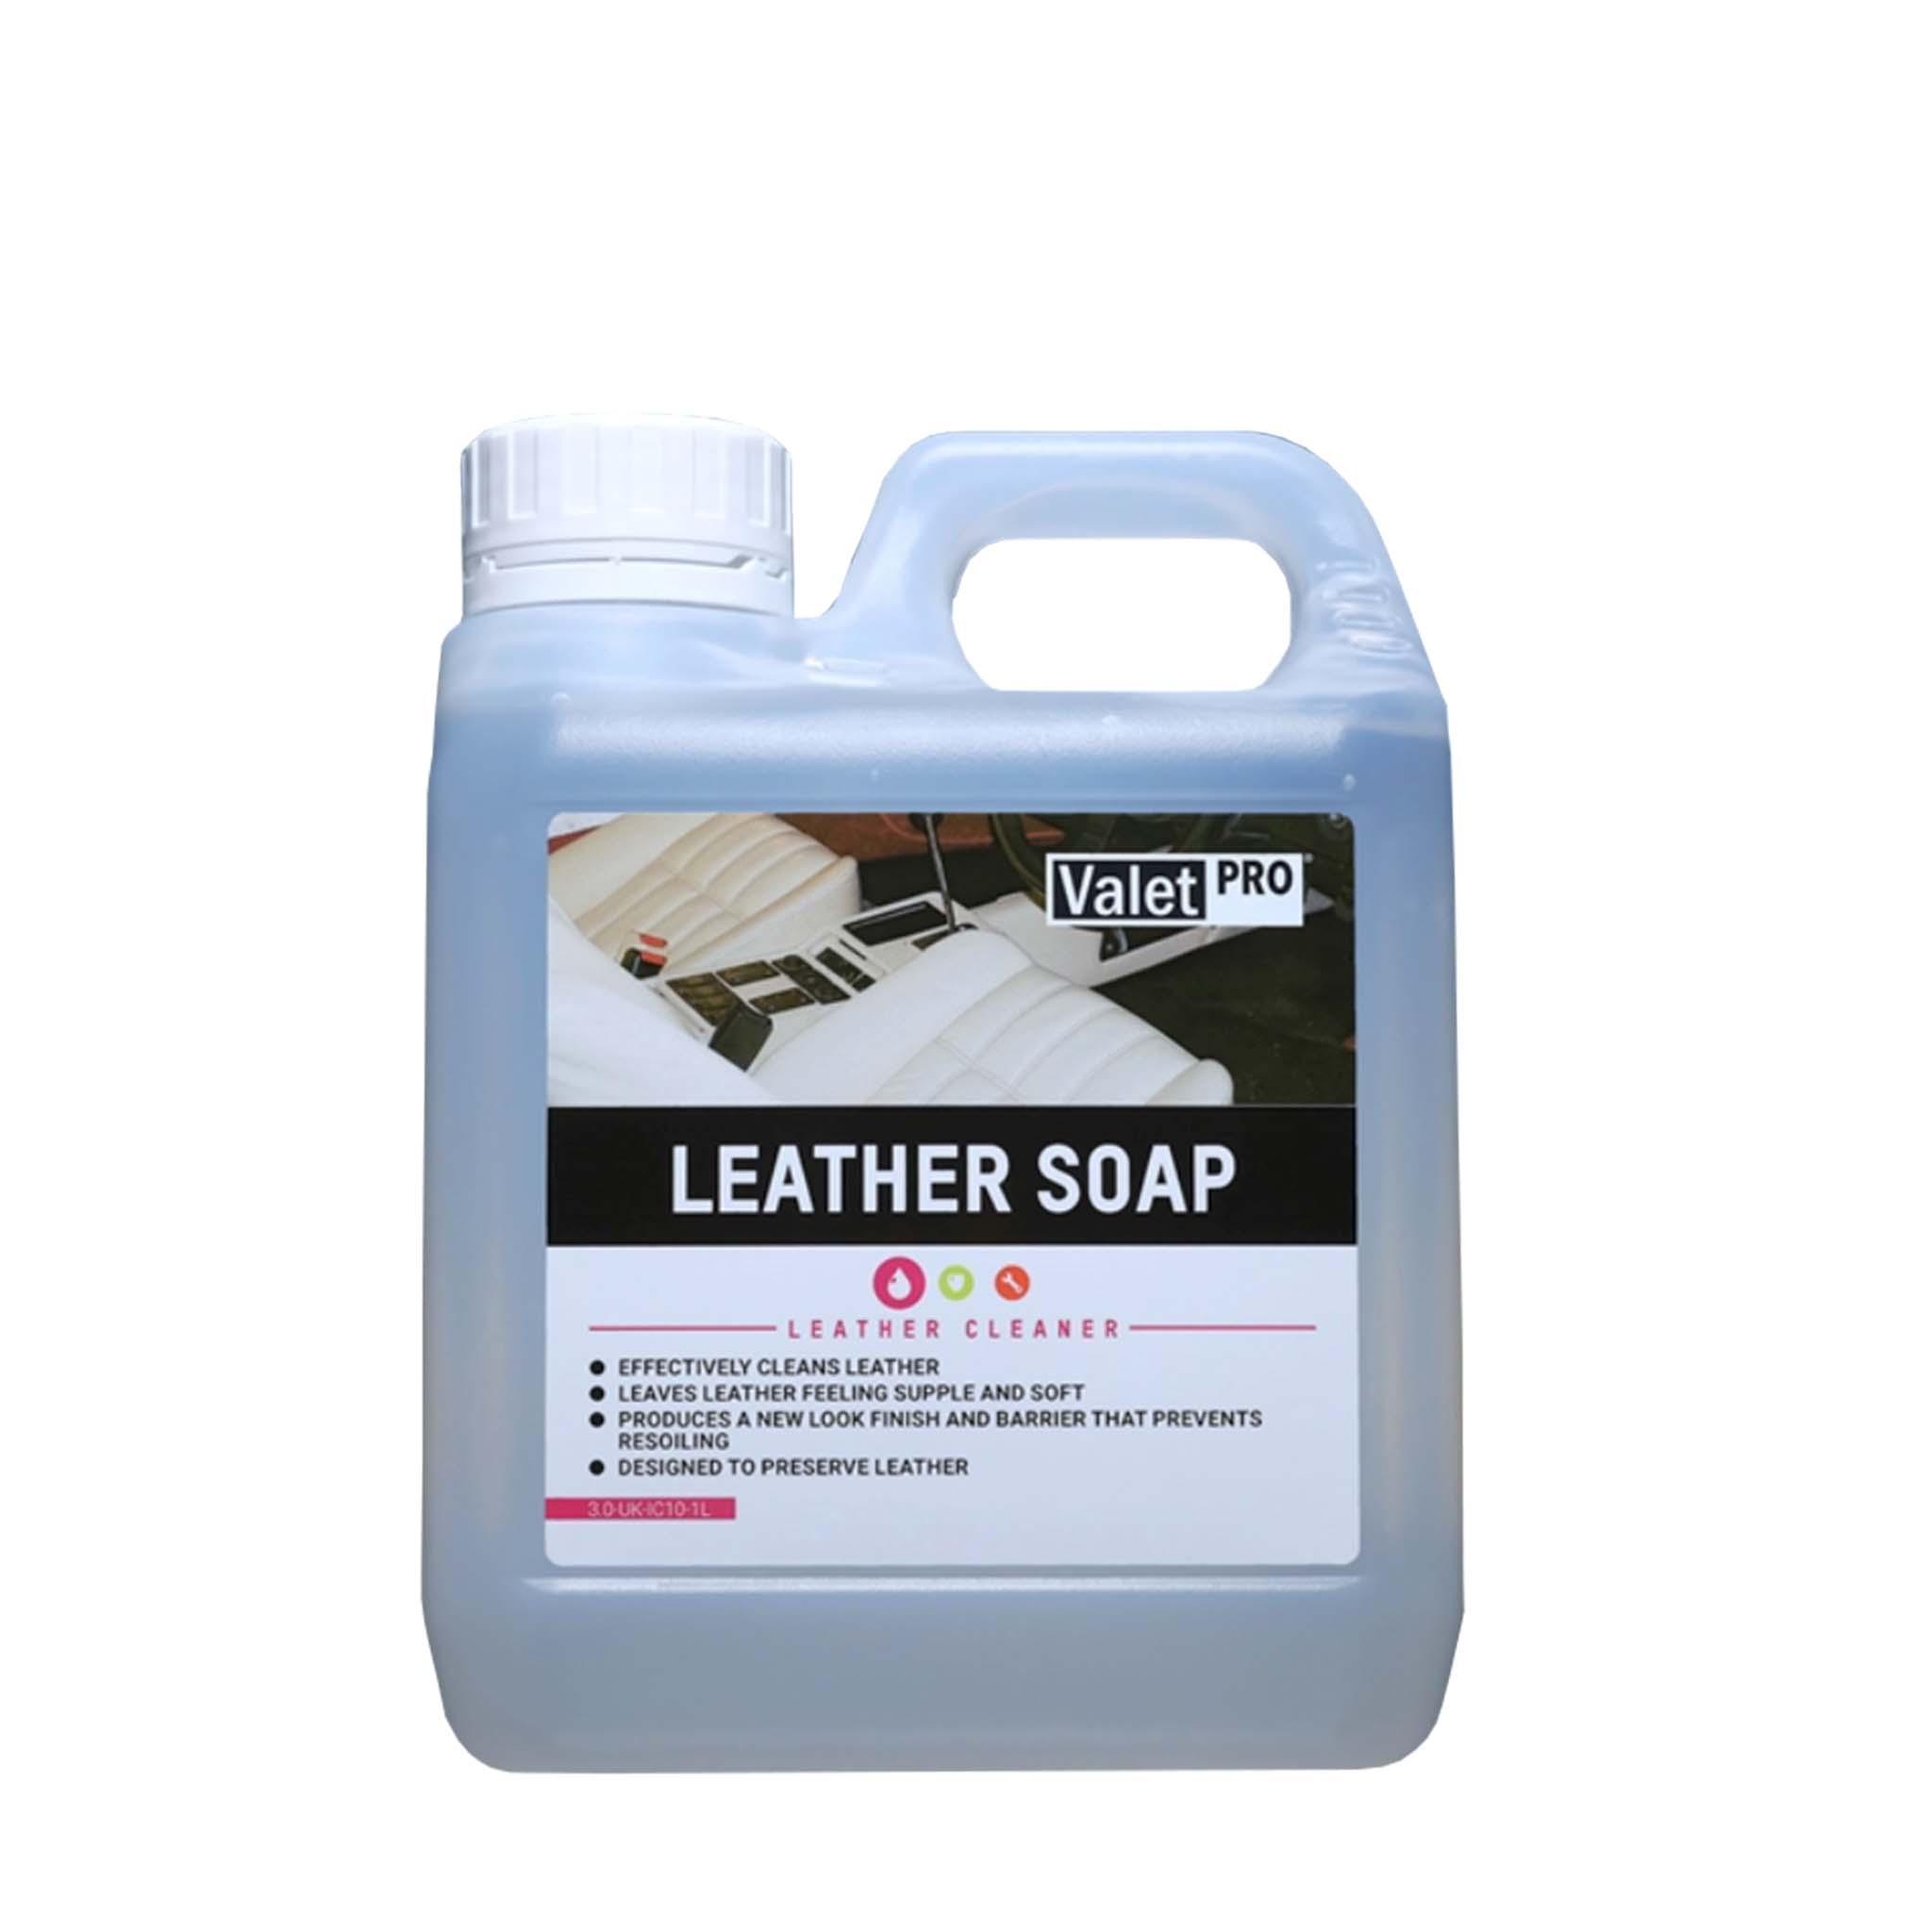 Läderrengöring ValetPRO Leather Soap, 1000 ml / Dunk